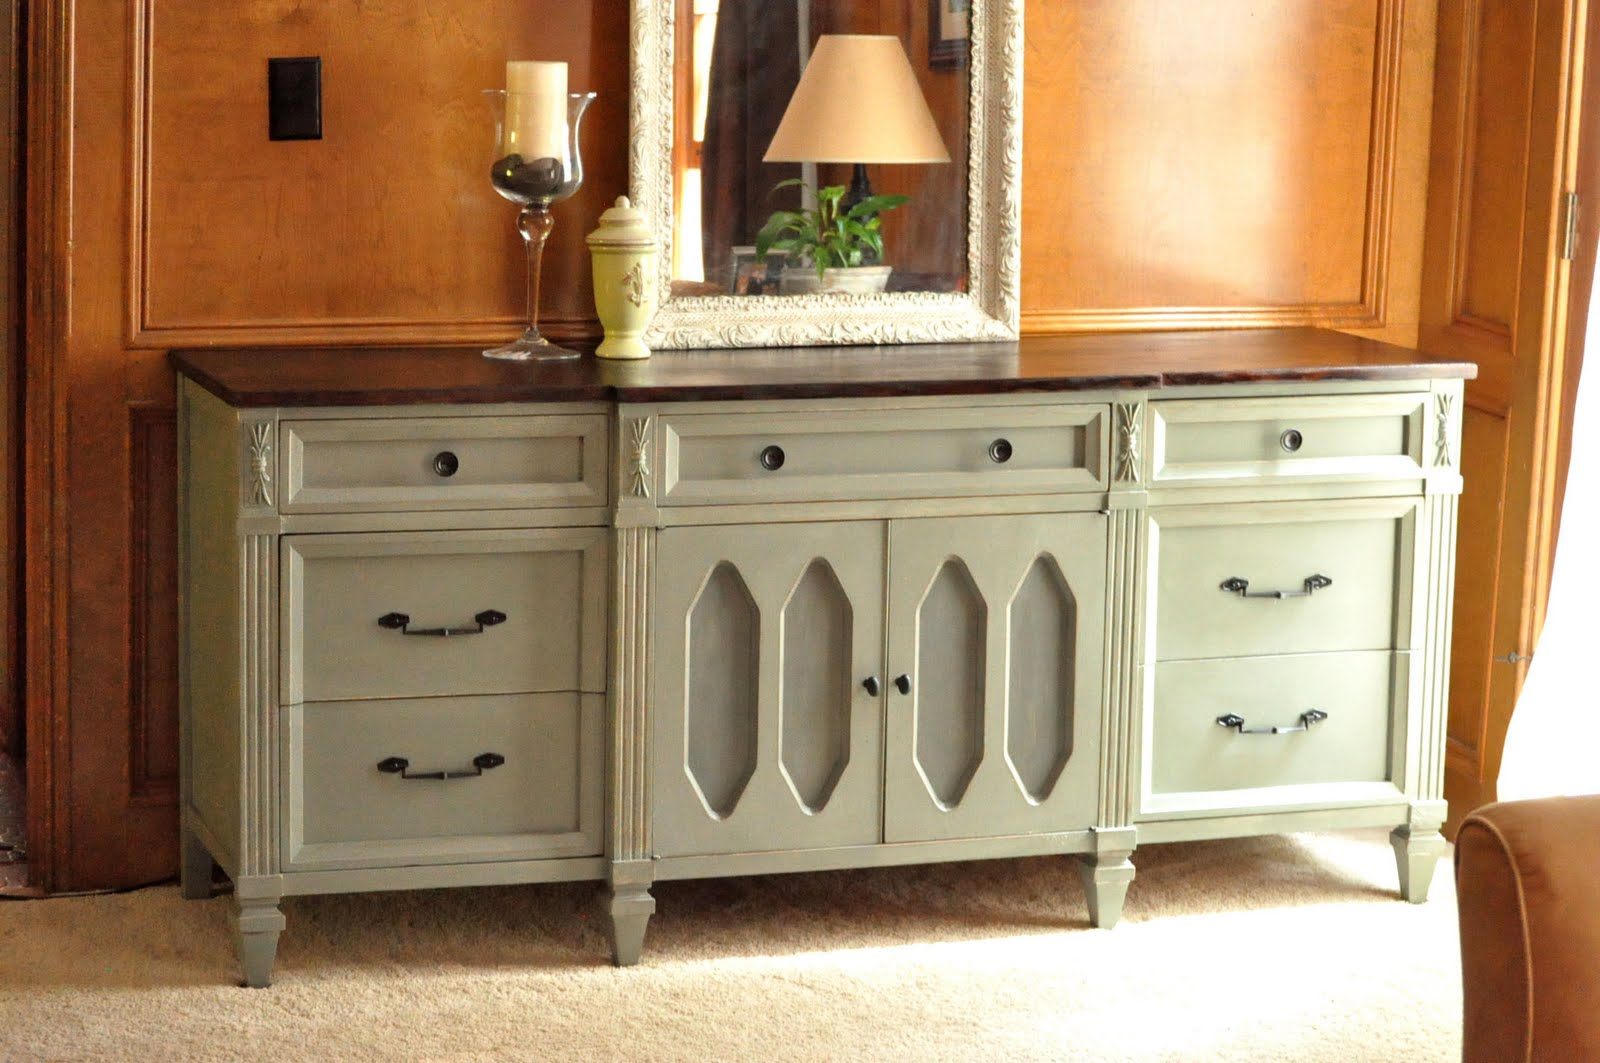 http://2.bp.blogspot.com/_StPPNXKF8GQ/TJtr0RRrvEI/AAAAAAAAAtg/XFYuB2ET1po/s1600/furniture+170.jpg